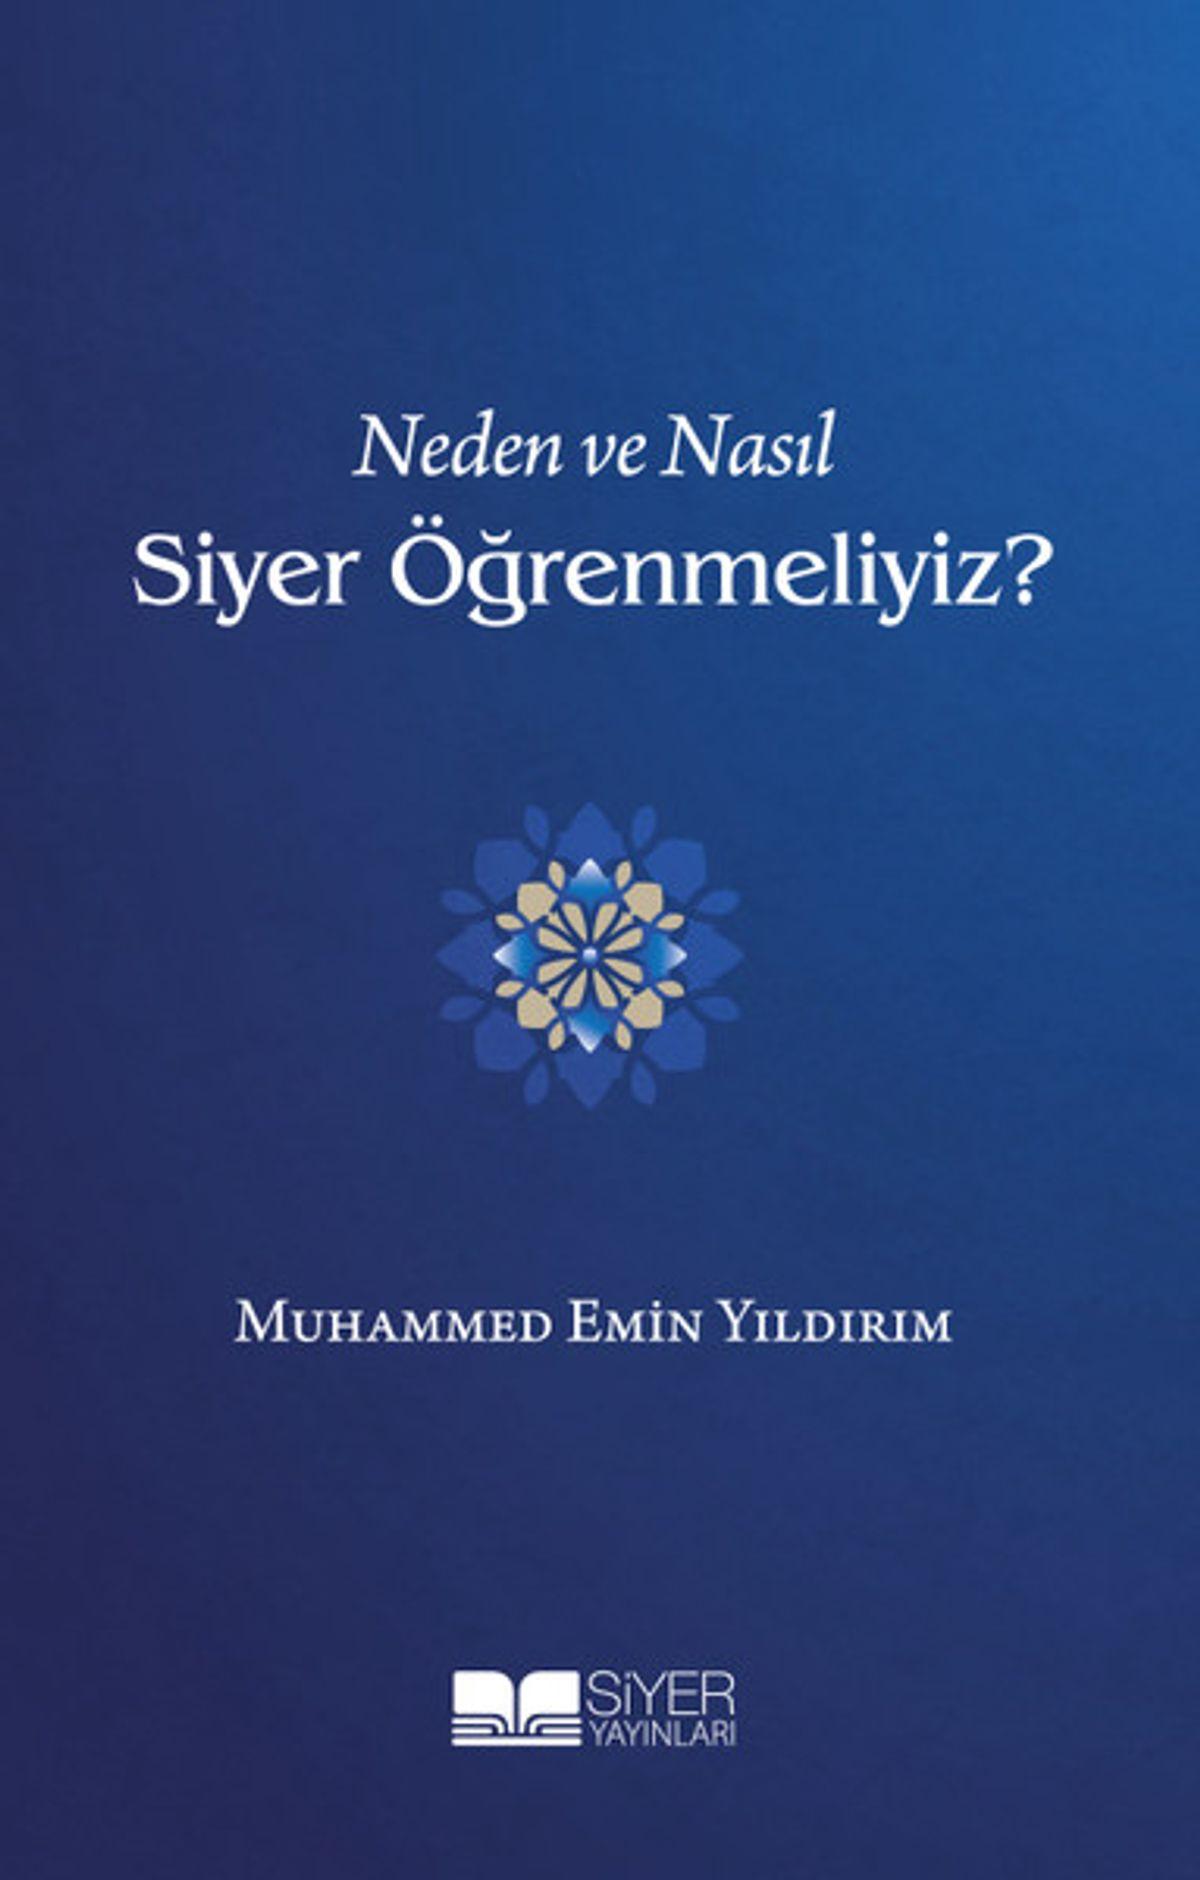 Neden ve Nasıl Siyer Öğrenmeliyiz? - Muhammed Emin Yıldırım